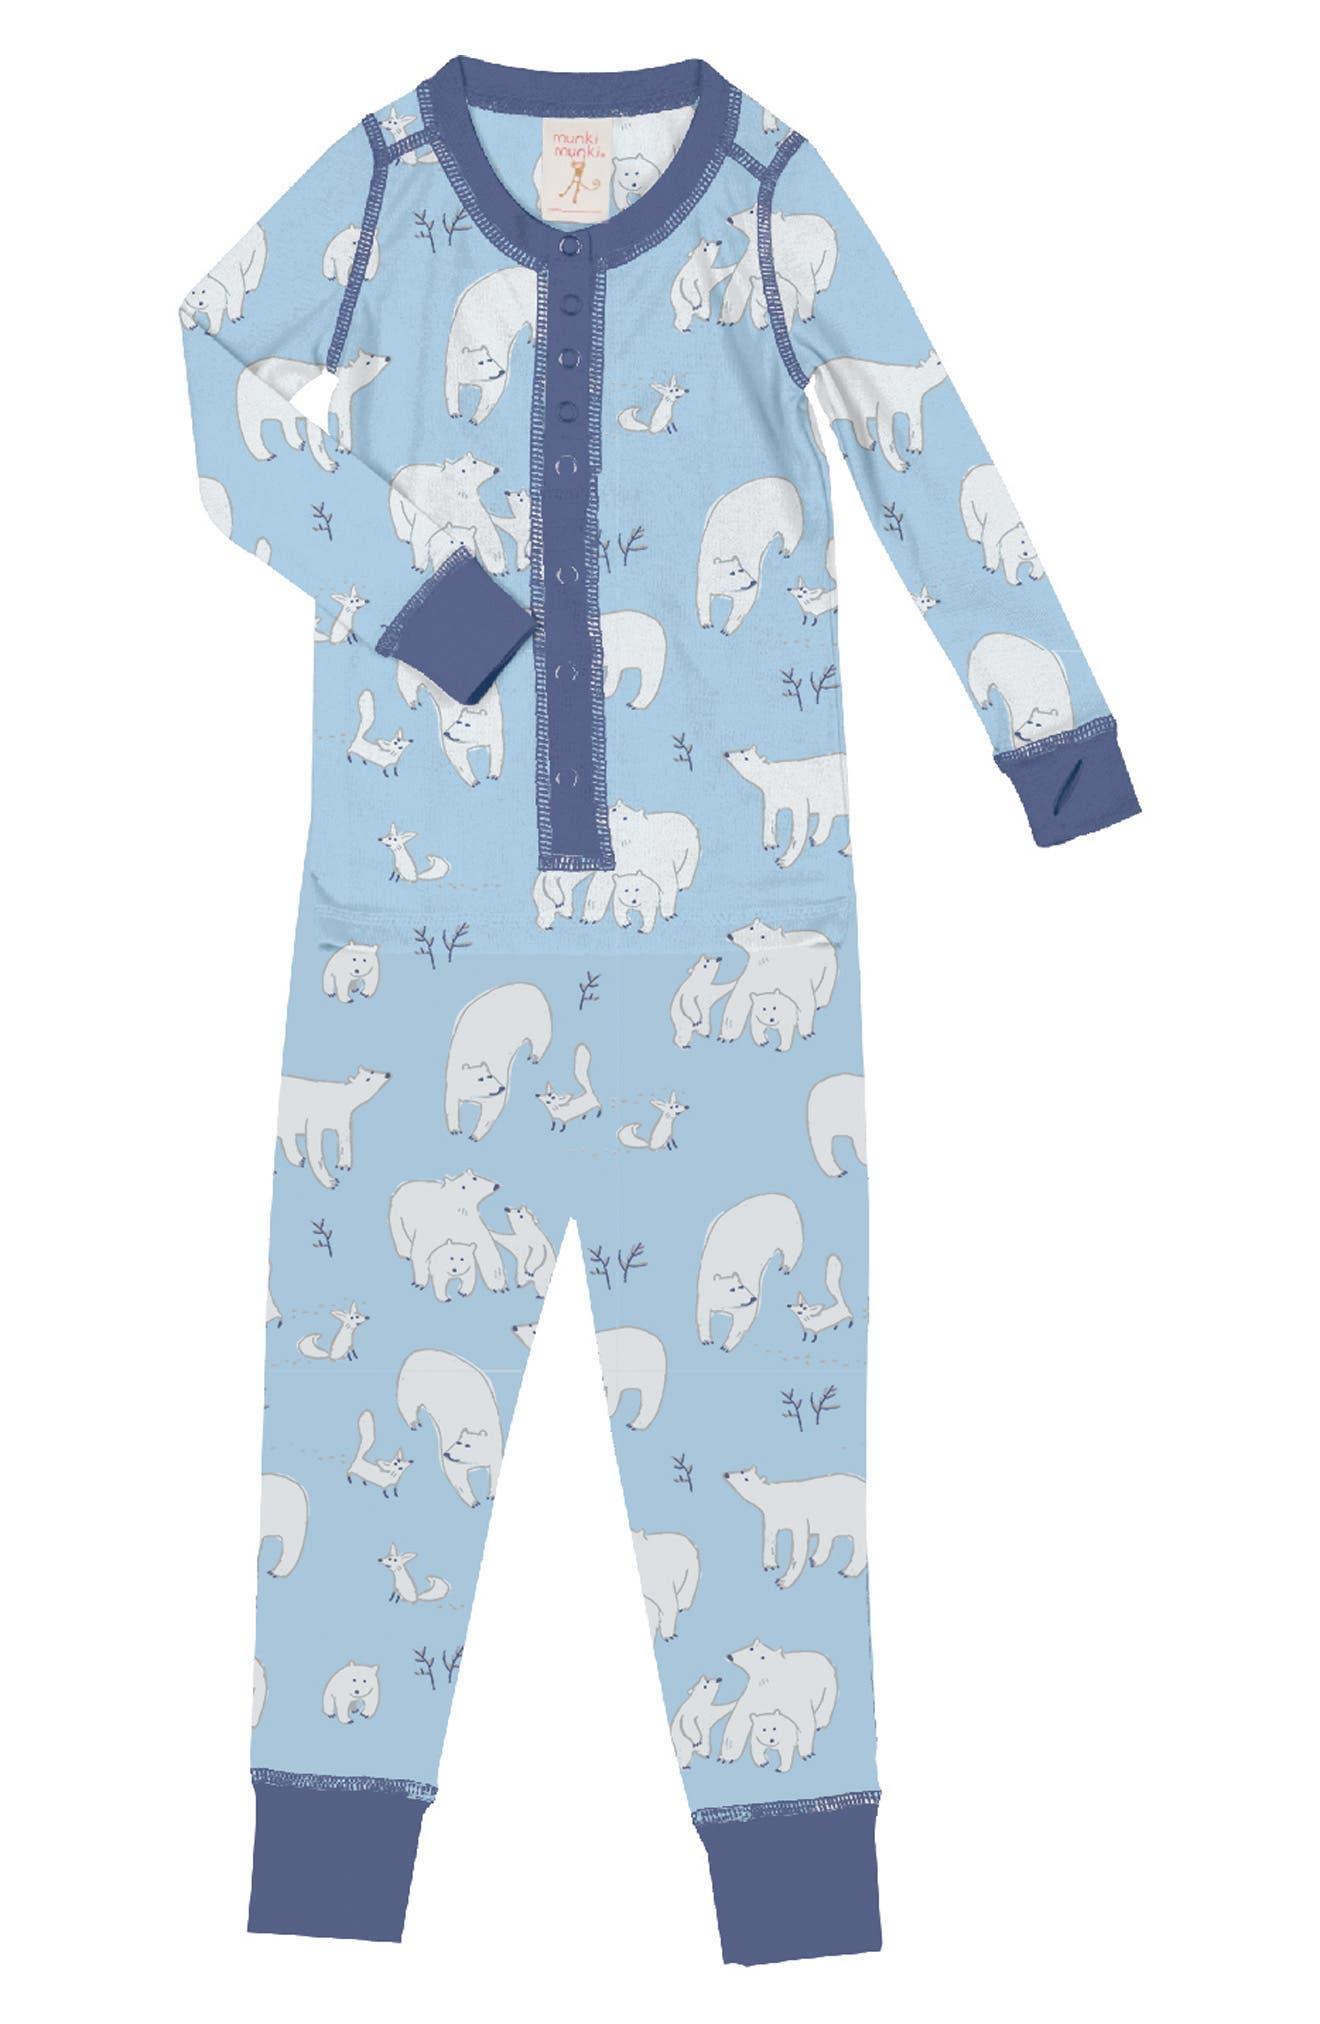 Toddler Girls Munki Munki Polar Bears Fitted OnePiece Pajamas Size 2T  Blue